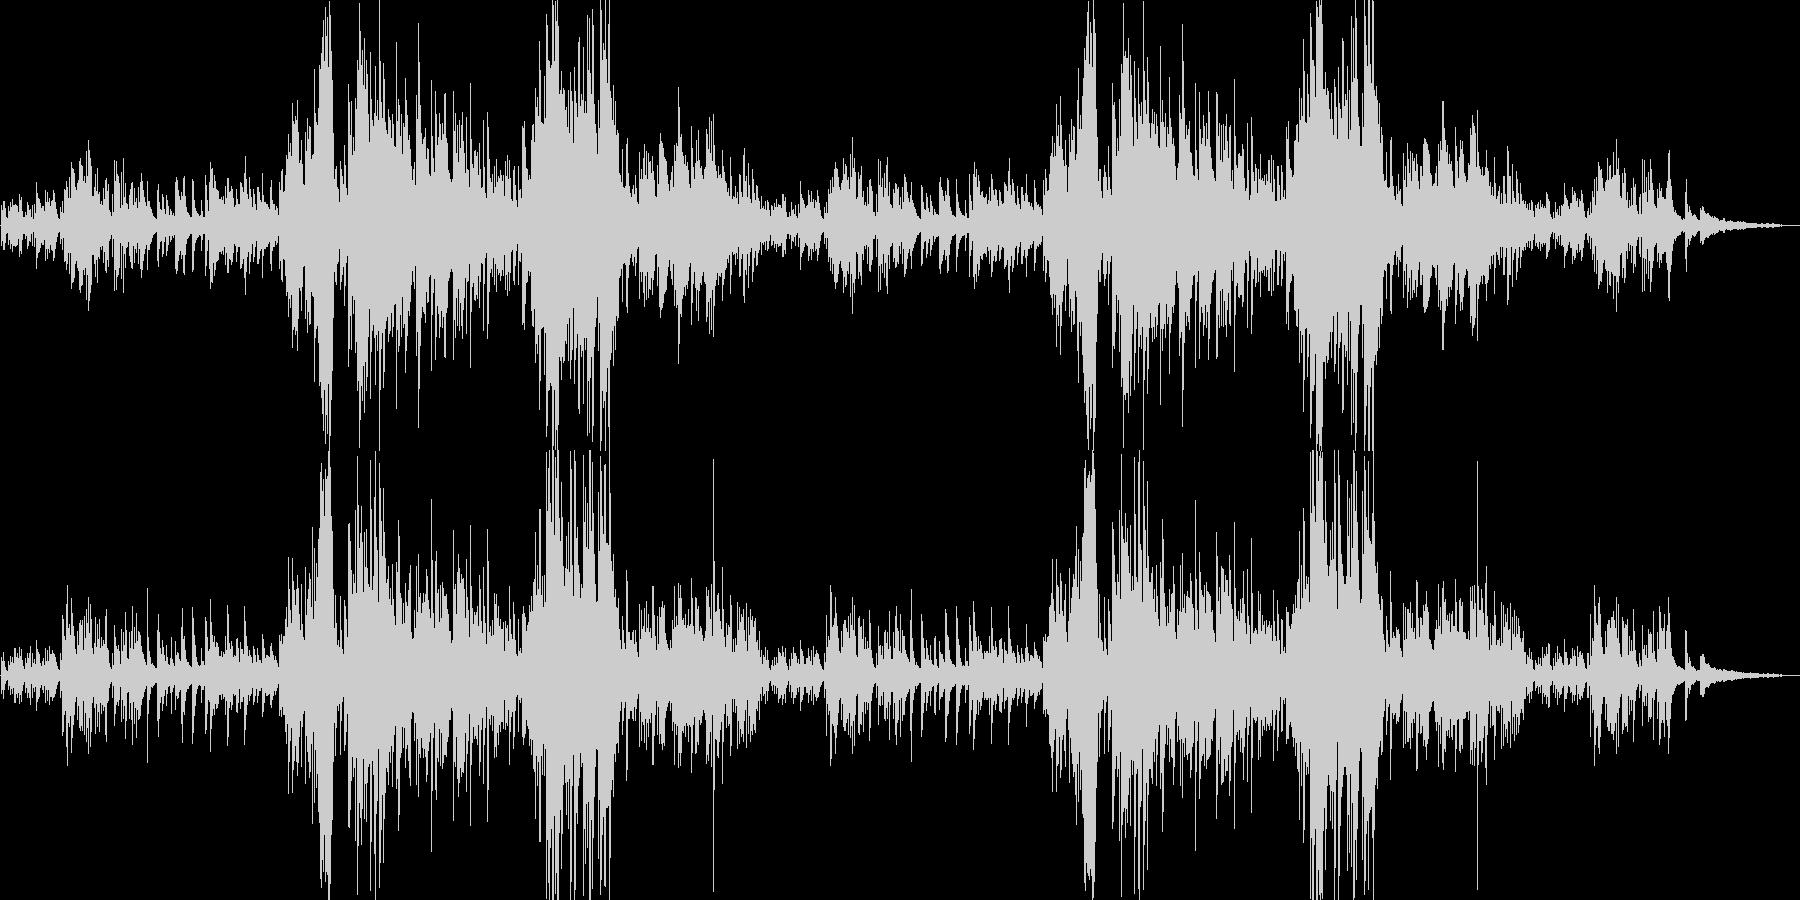 美しき癒しのピアノソロバラードの未再生の波形